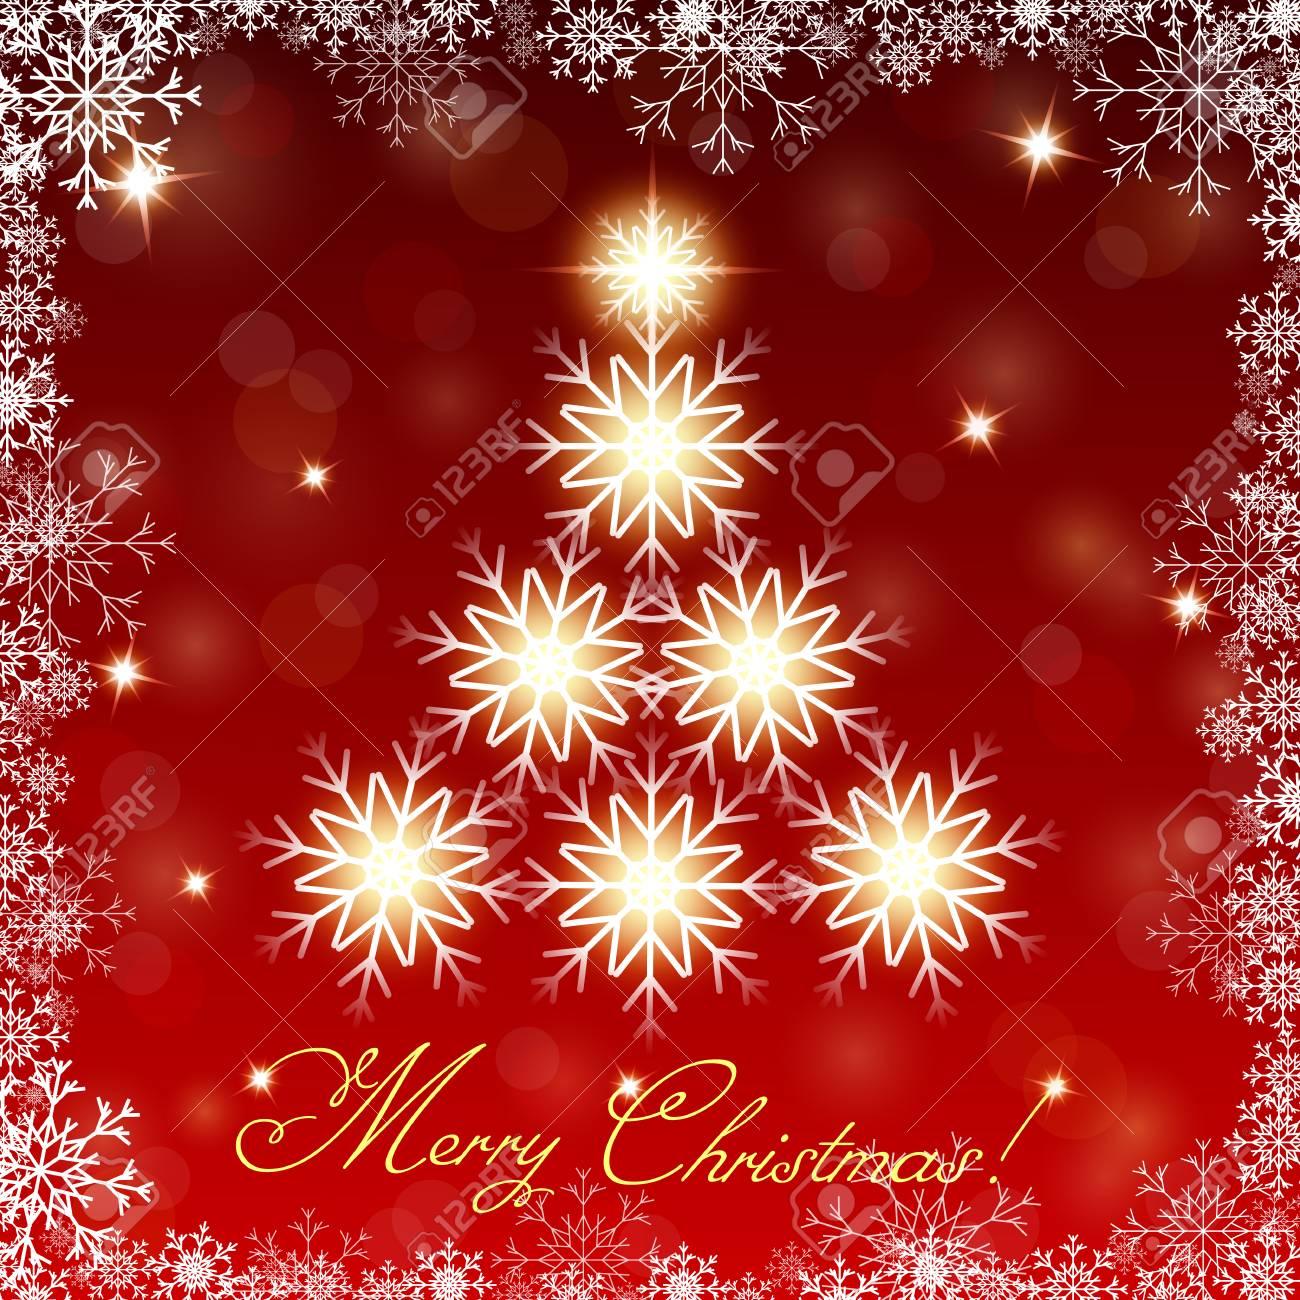 Decorazioni Natalizie Fiocchi Di Neve.Vettoriale Albero Di Natale Brillante Da Fiocchi Di Neve Priorita